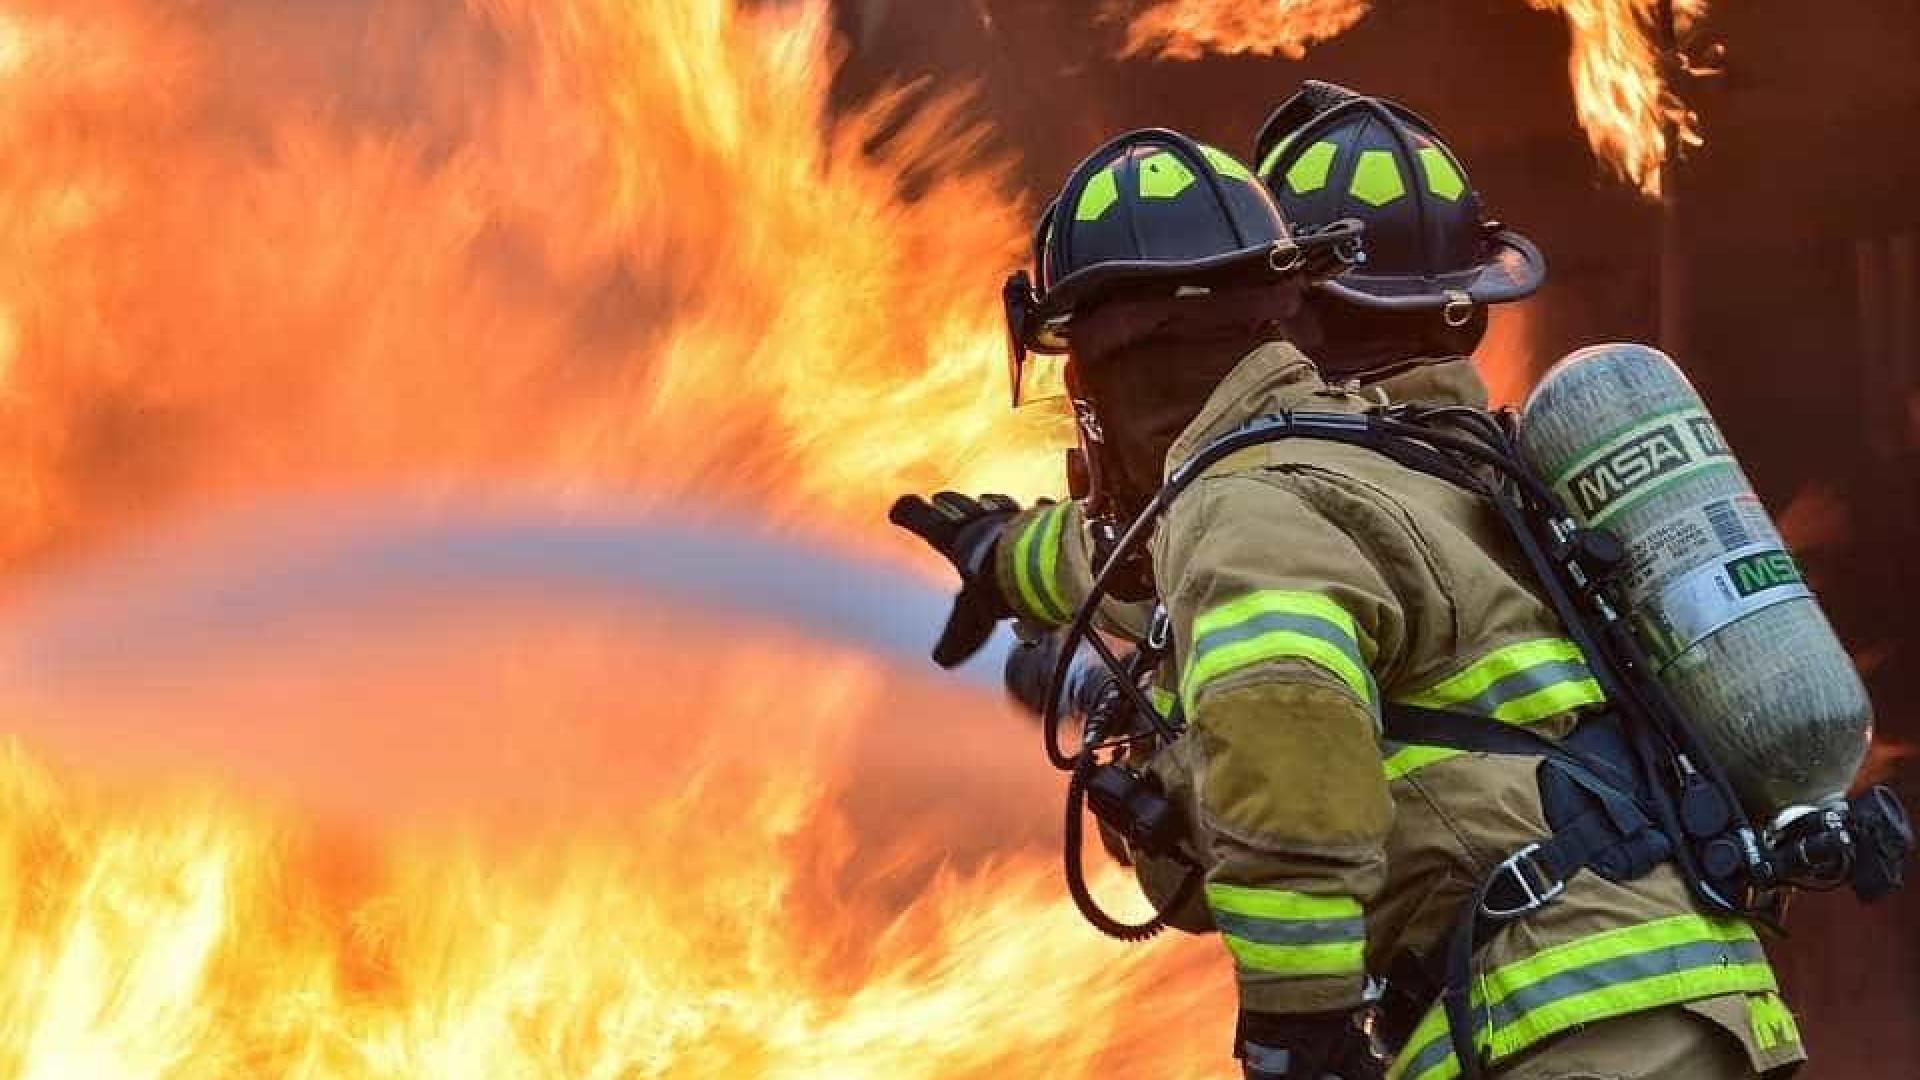 Briga entre facções acaba em tiroteio e duas casas incendiadas